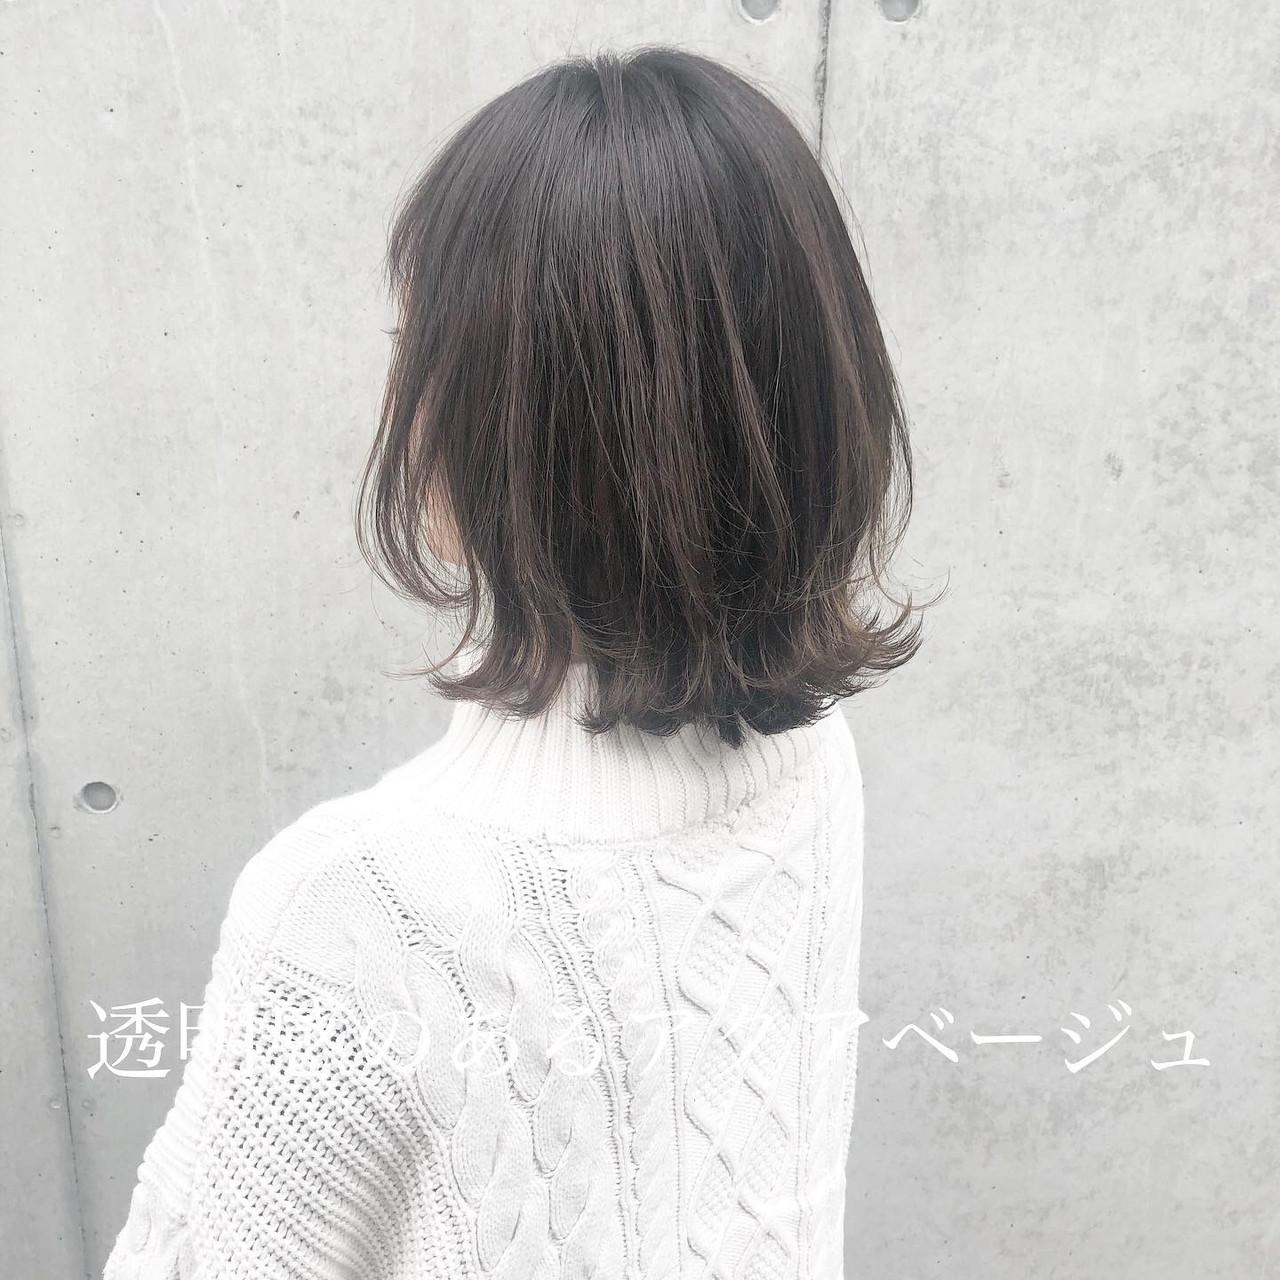 外ハネボブ ウルフカット 切りっぱなしボブ 前下がりボブ ヘアスタイルや髪型の写真・画像 | 高田 興 / レジーロ